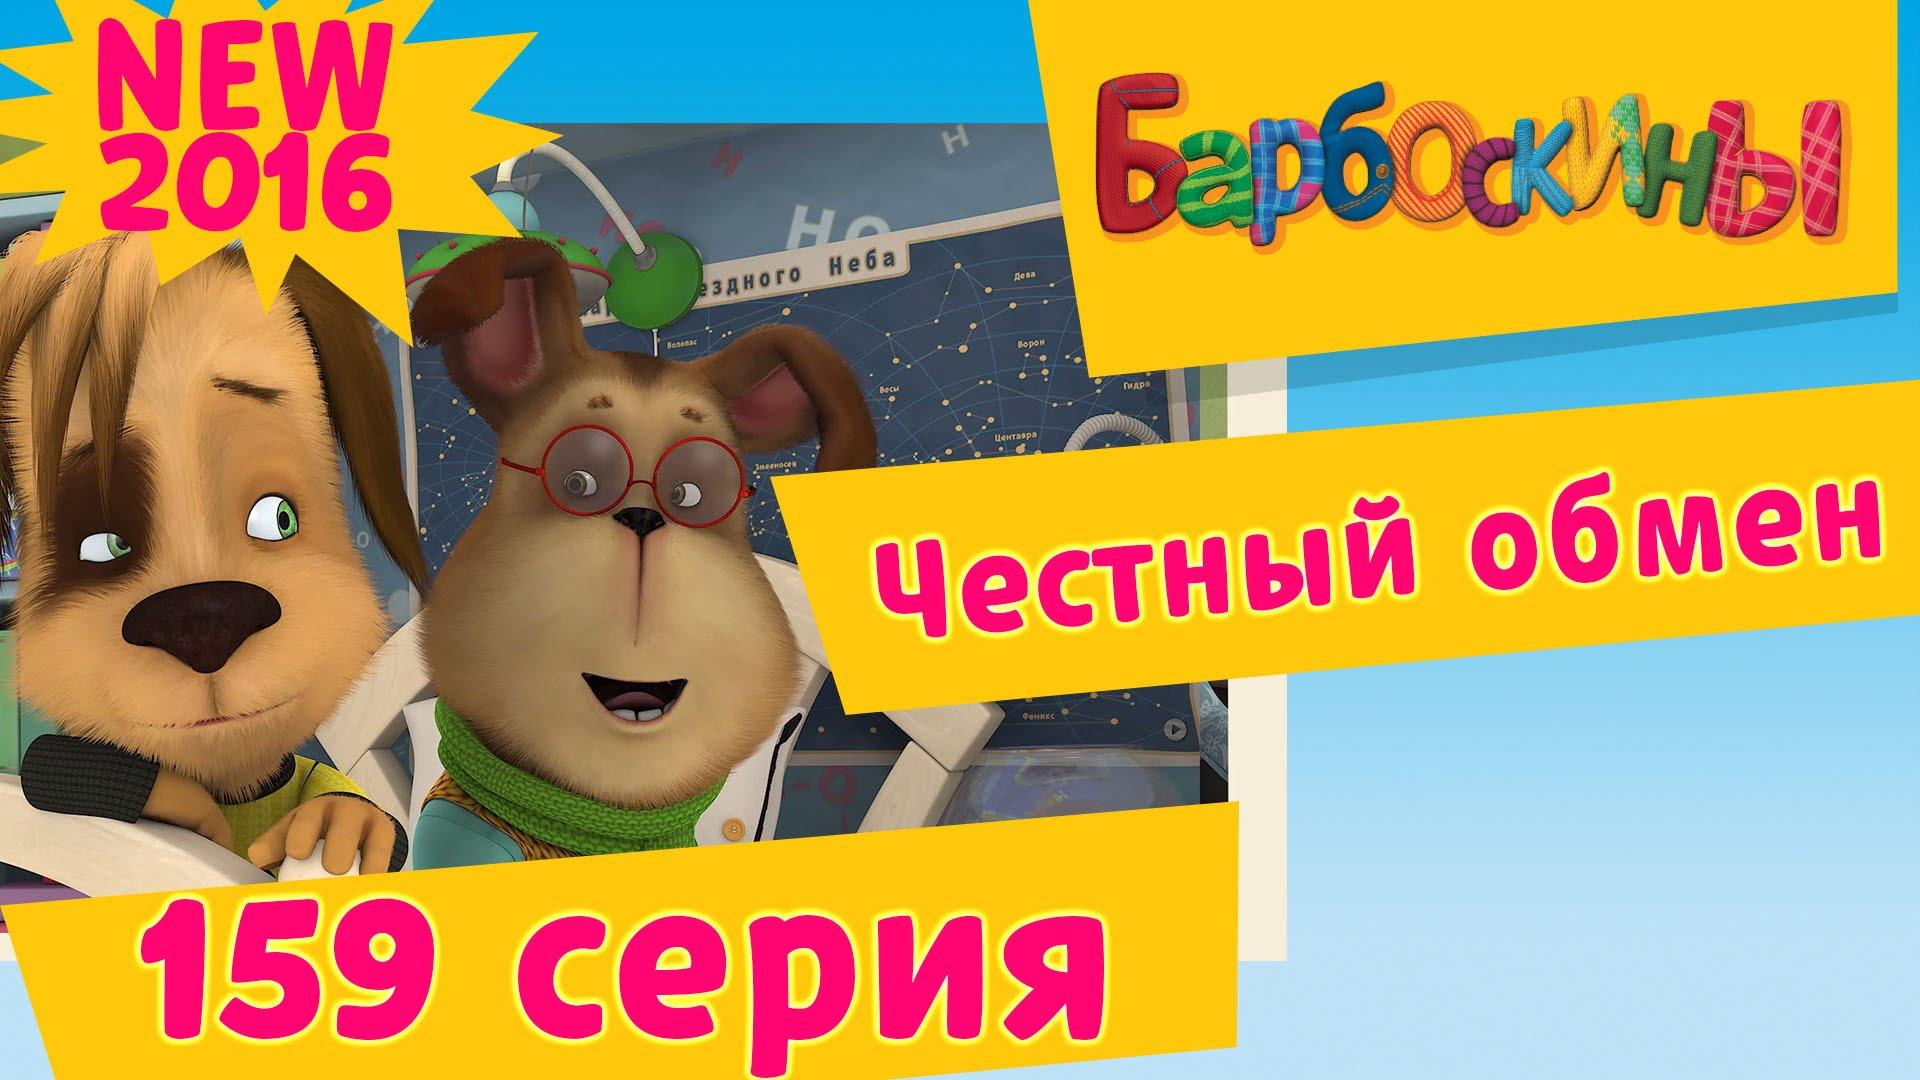 Барбоскины — 159 серия. Честный обмен.